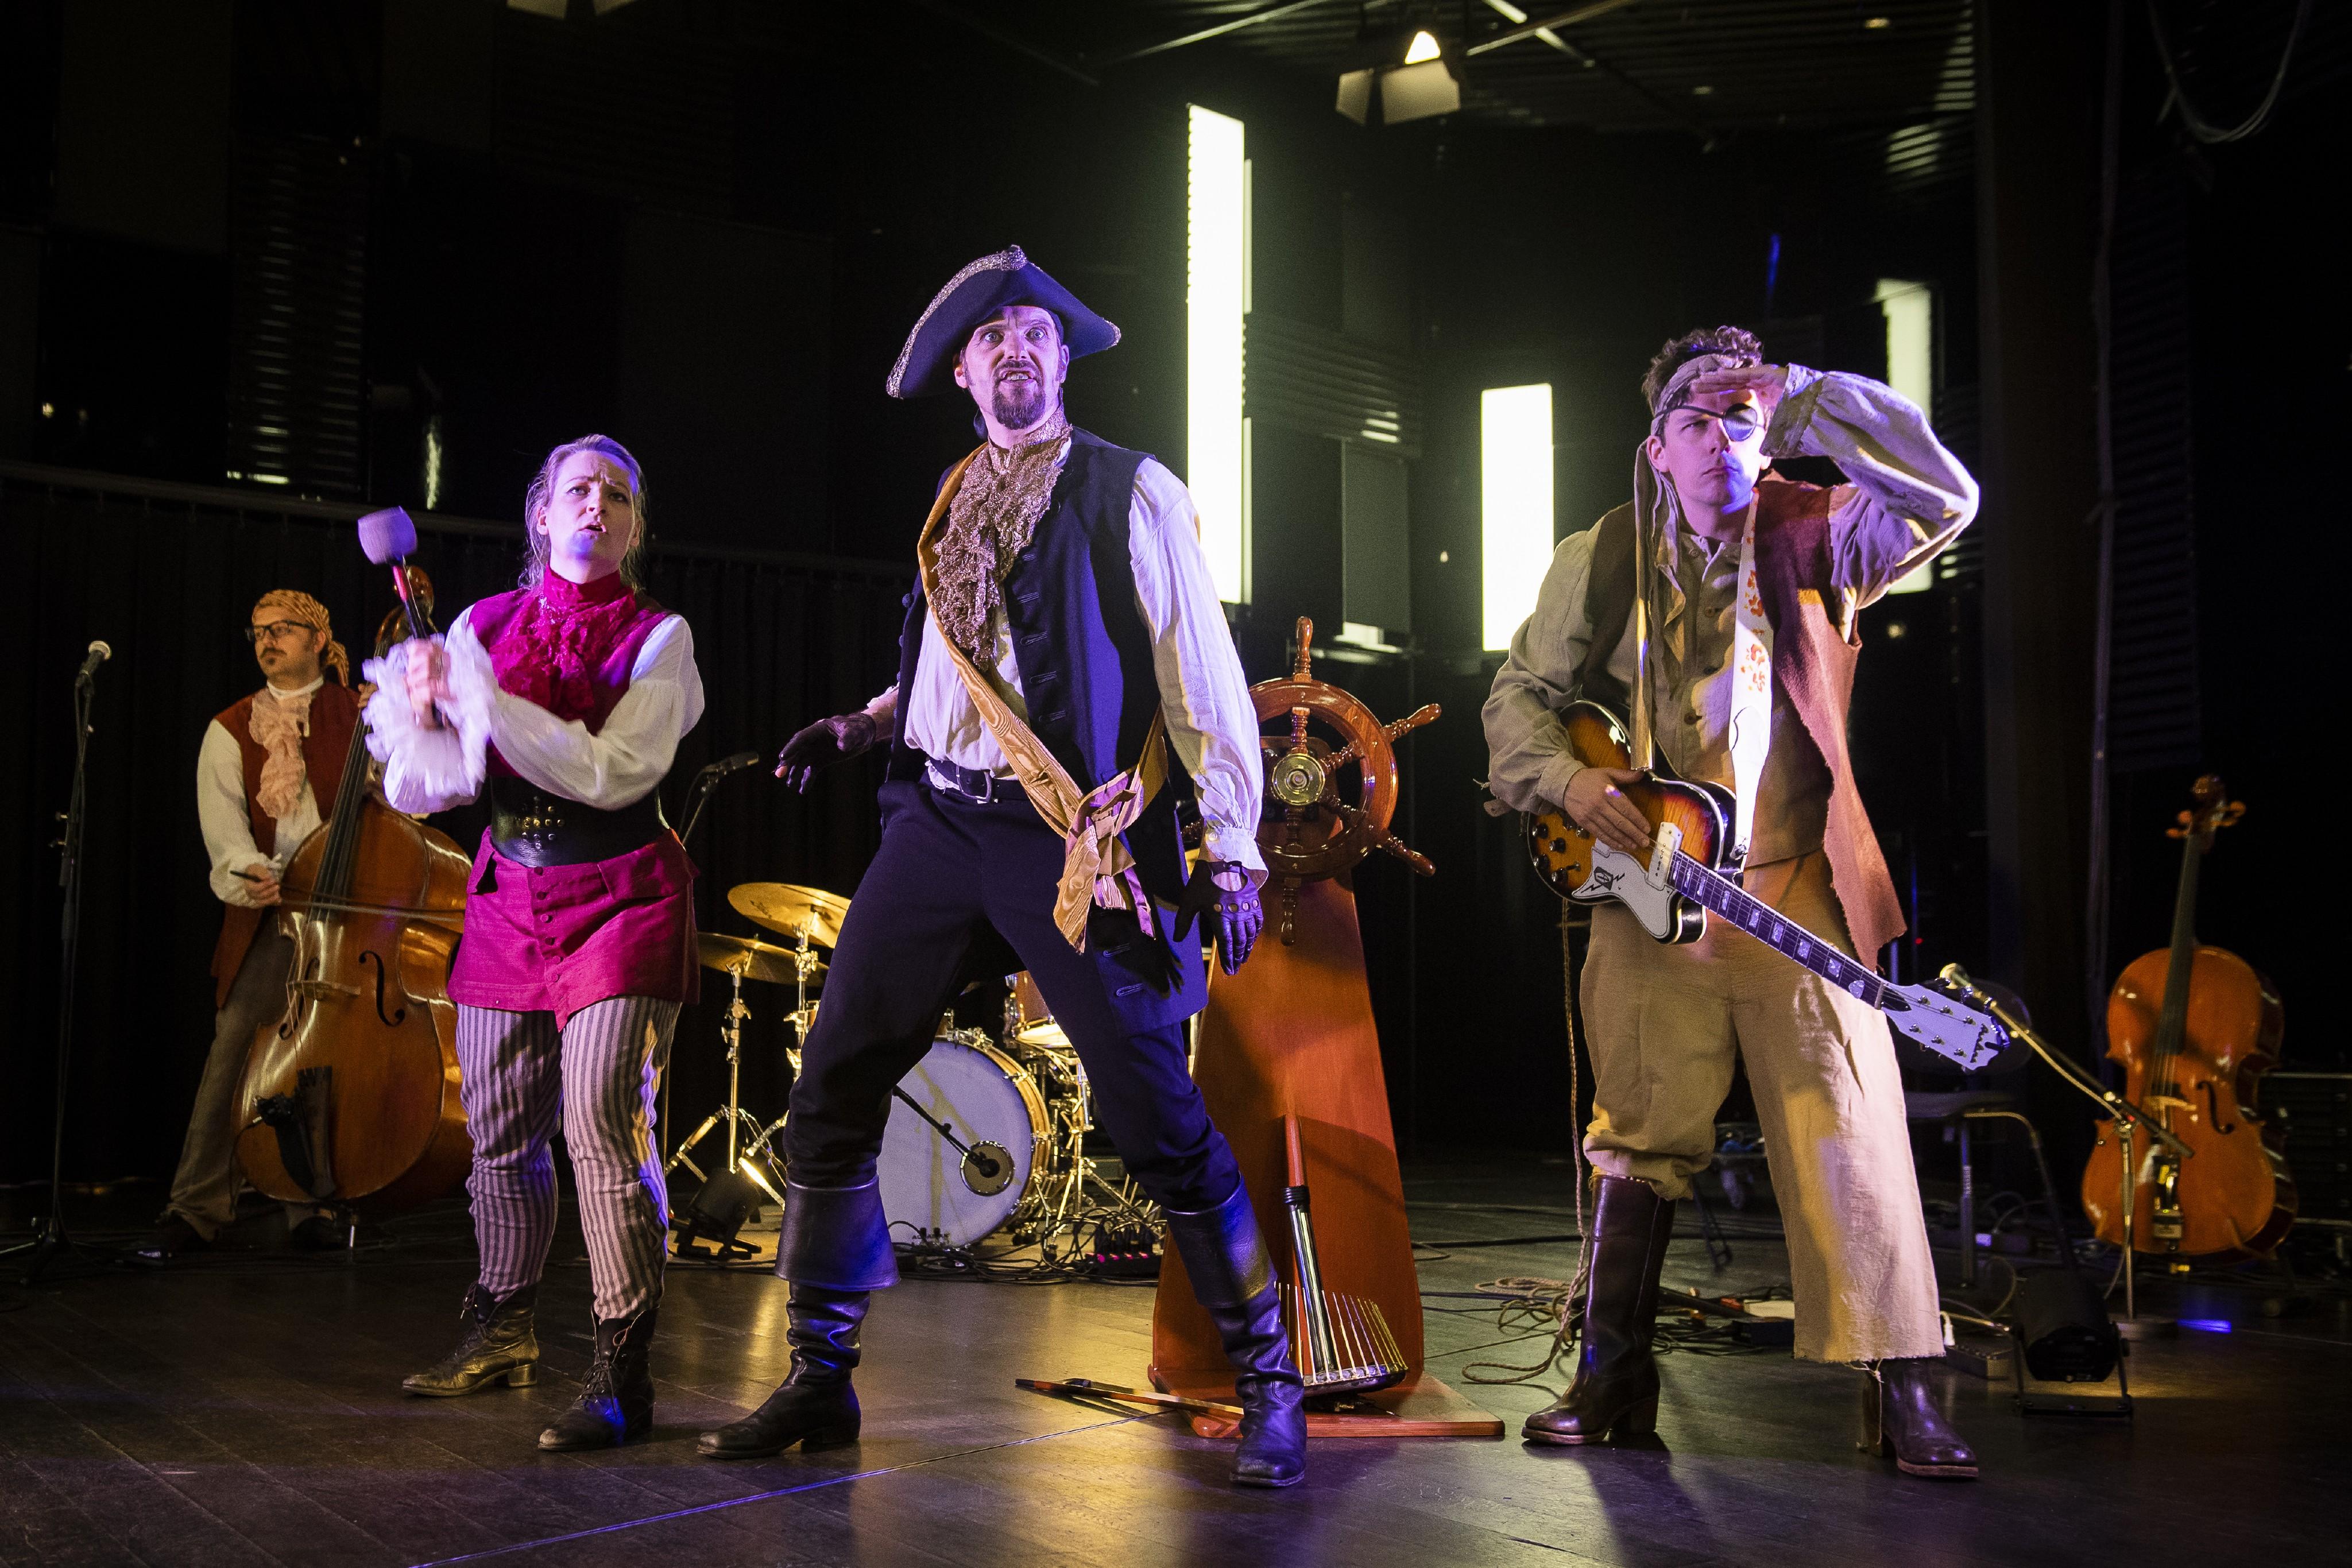 De Frygtede Pirater